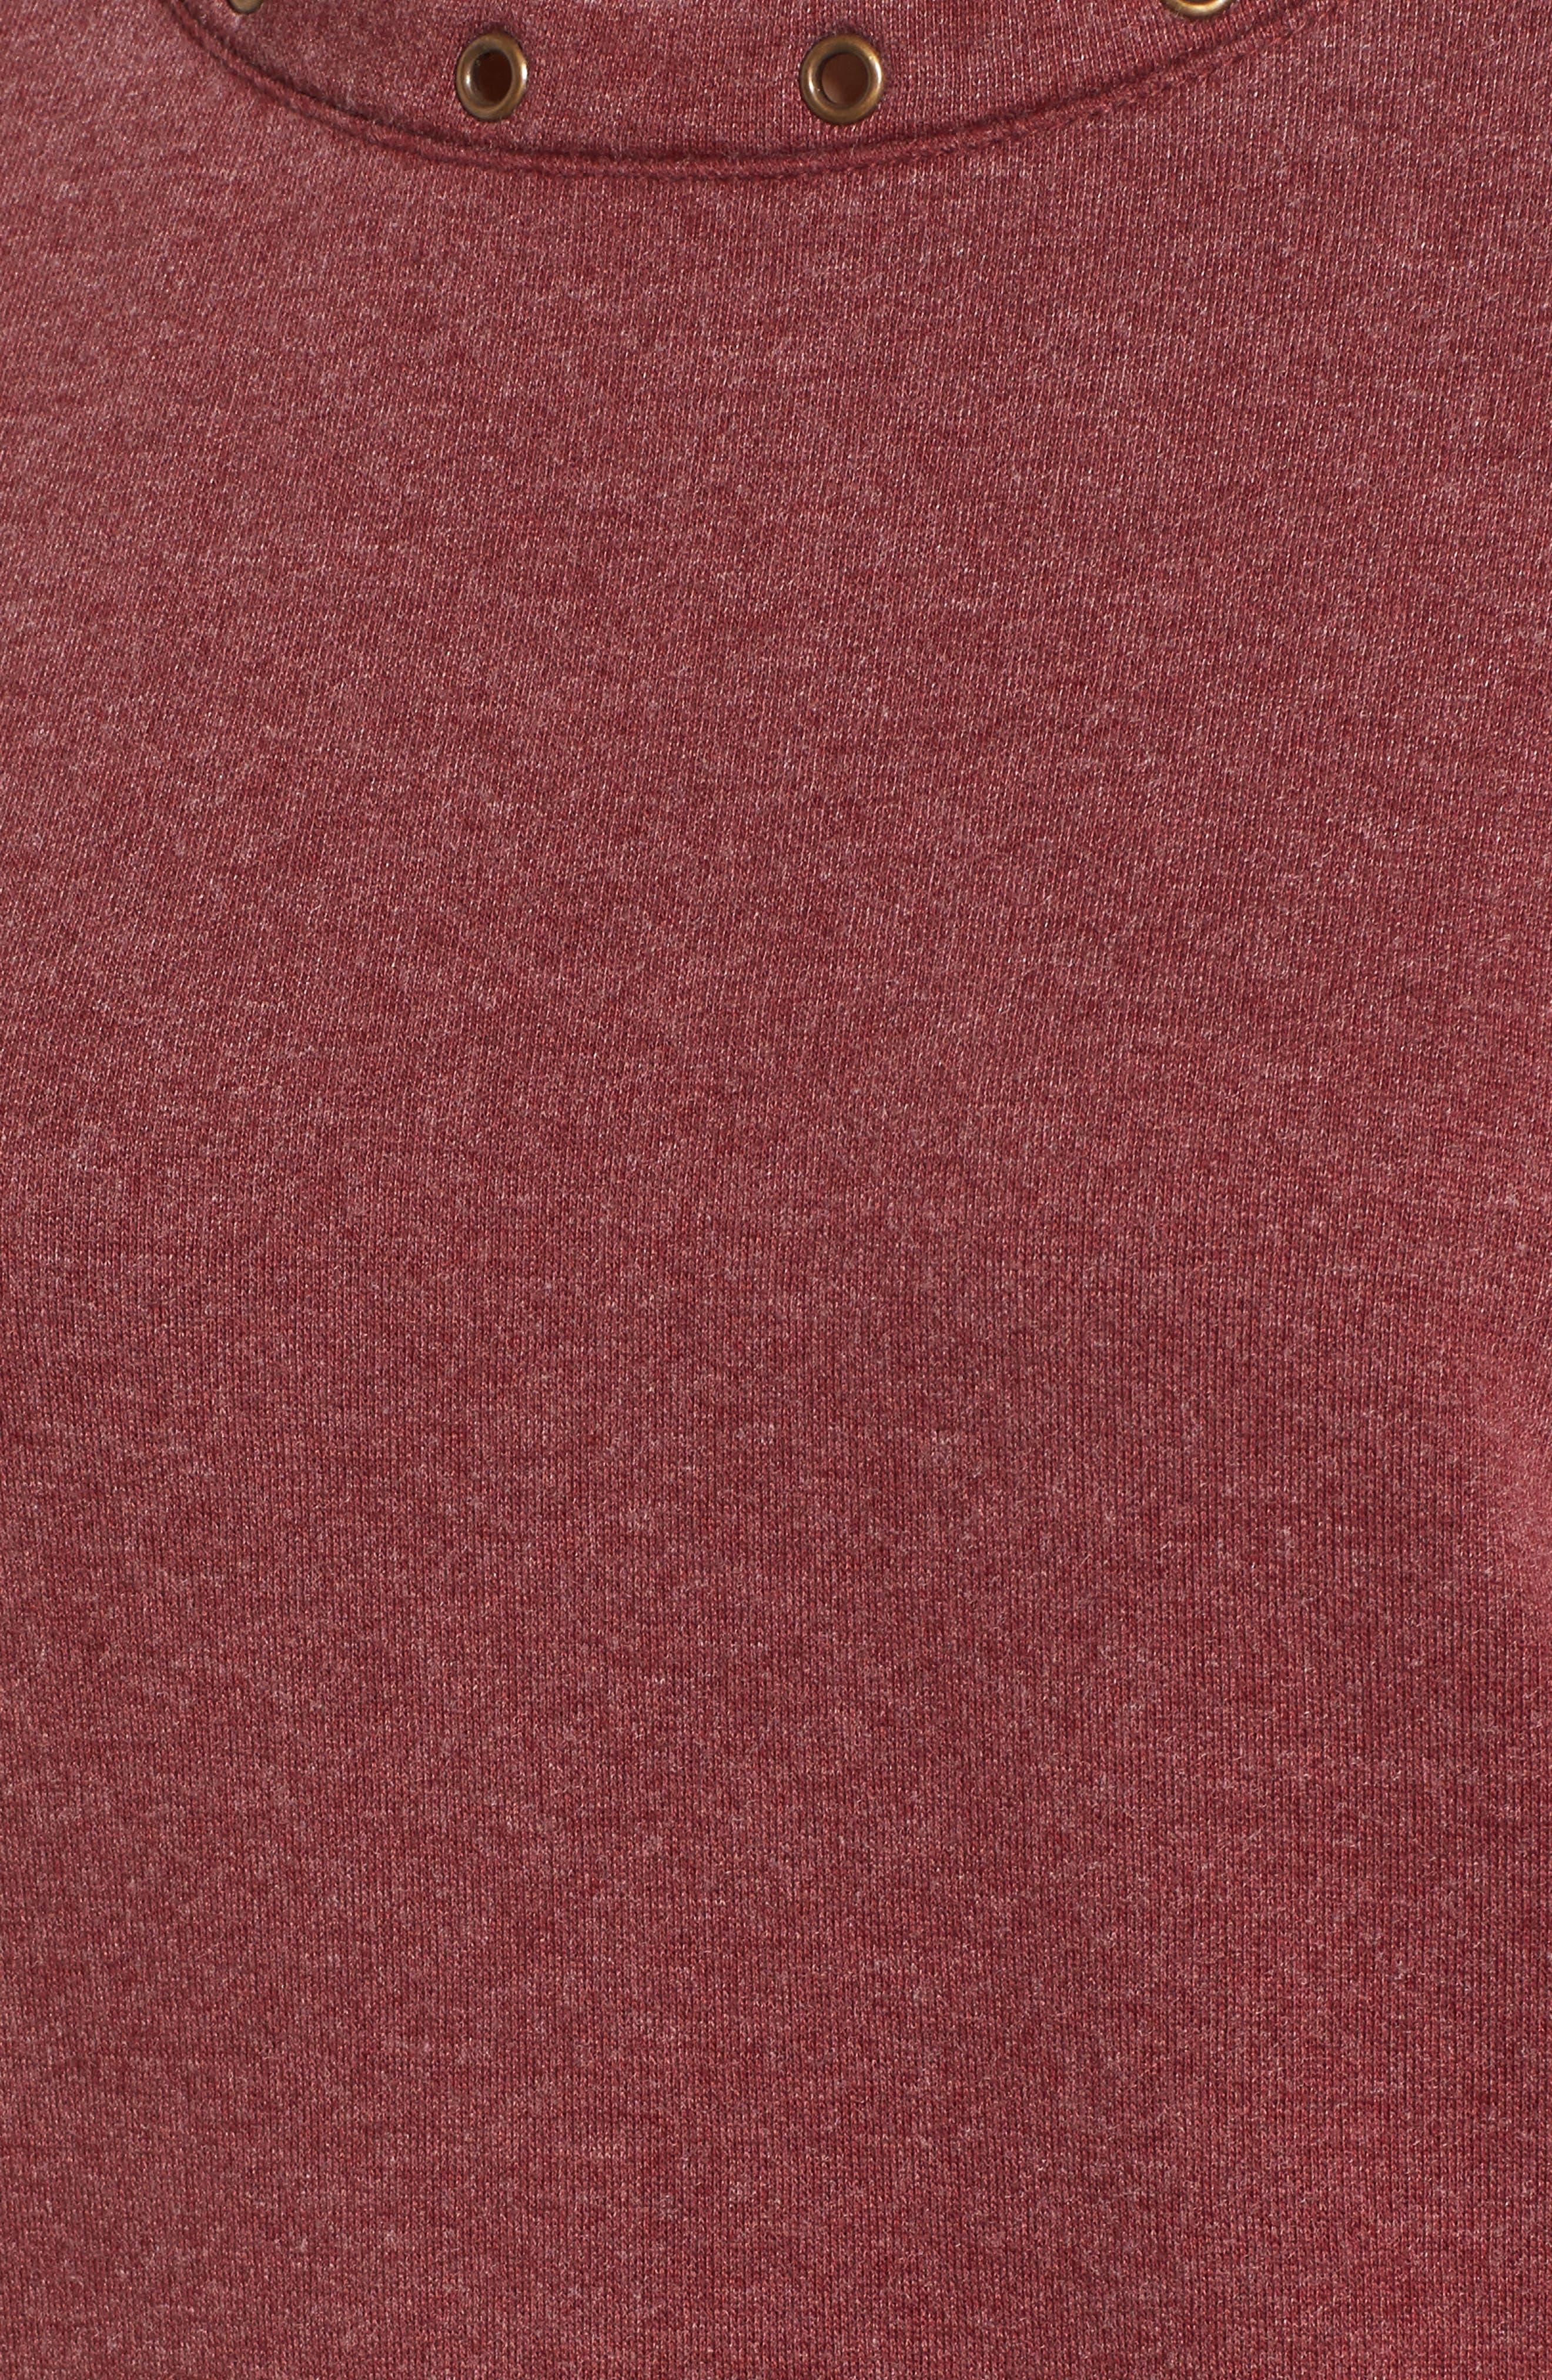 Cold Shoulder Sweatshirt,                             Alternate thumbnail 5, color,                             Burgundy